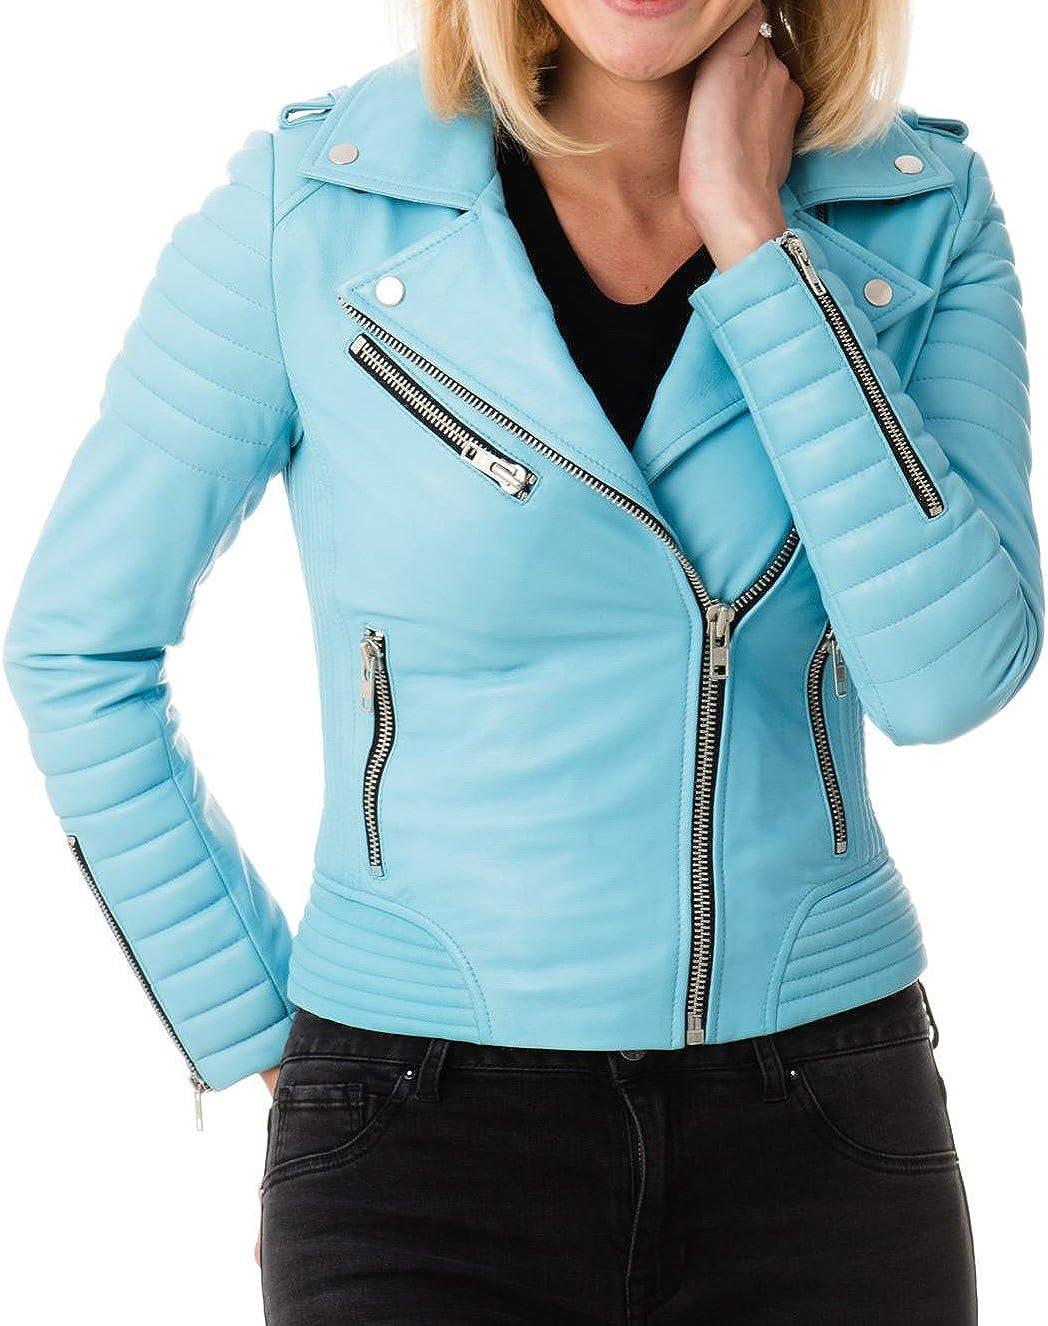 LEATHER FARM Womens Lambskin Leather Bomber Biker Jacket